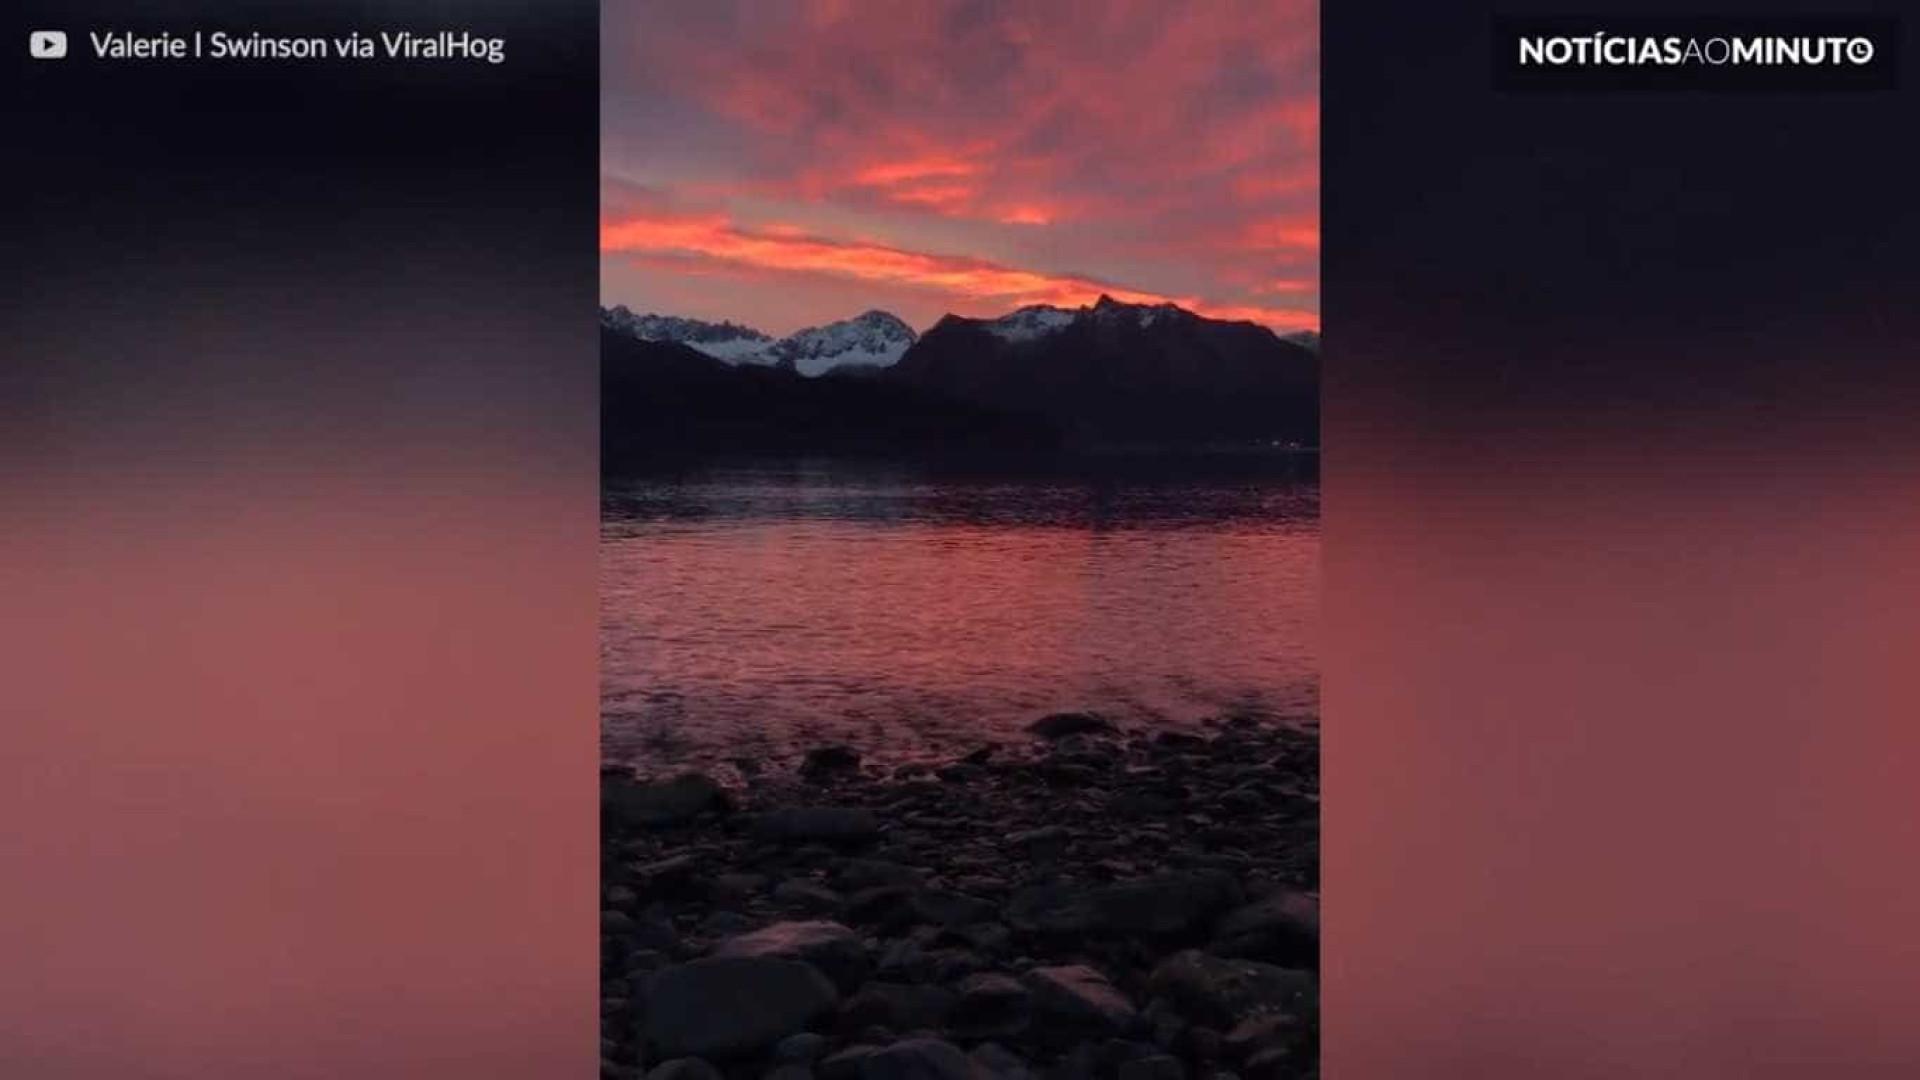 Vídeo mostra fantástico nascer do sol no Alasca